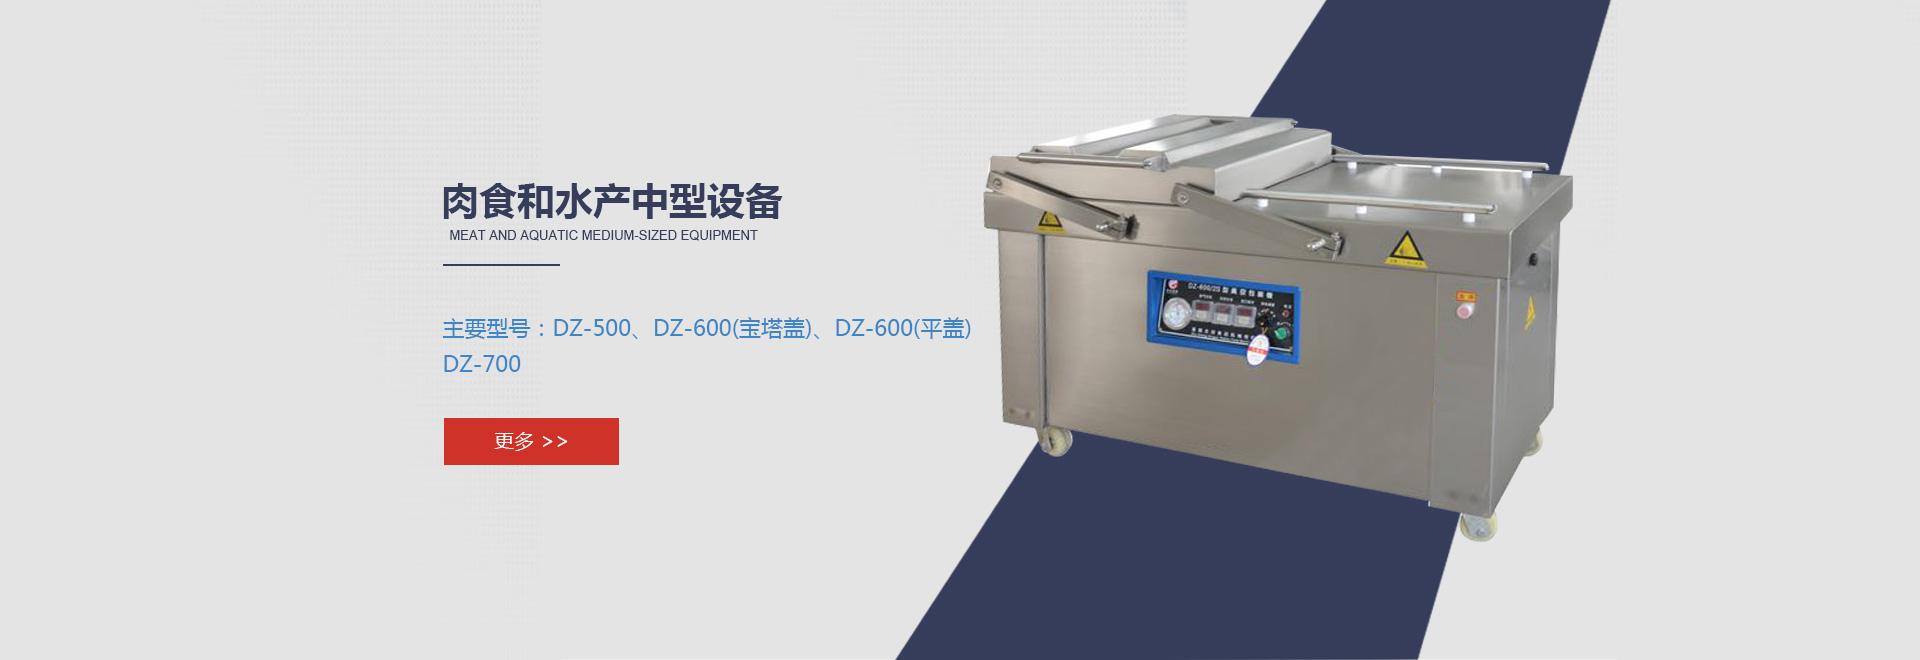 山东真空充氮包装机肉食和水产的中型设备